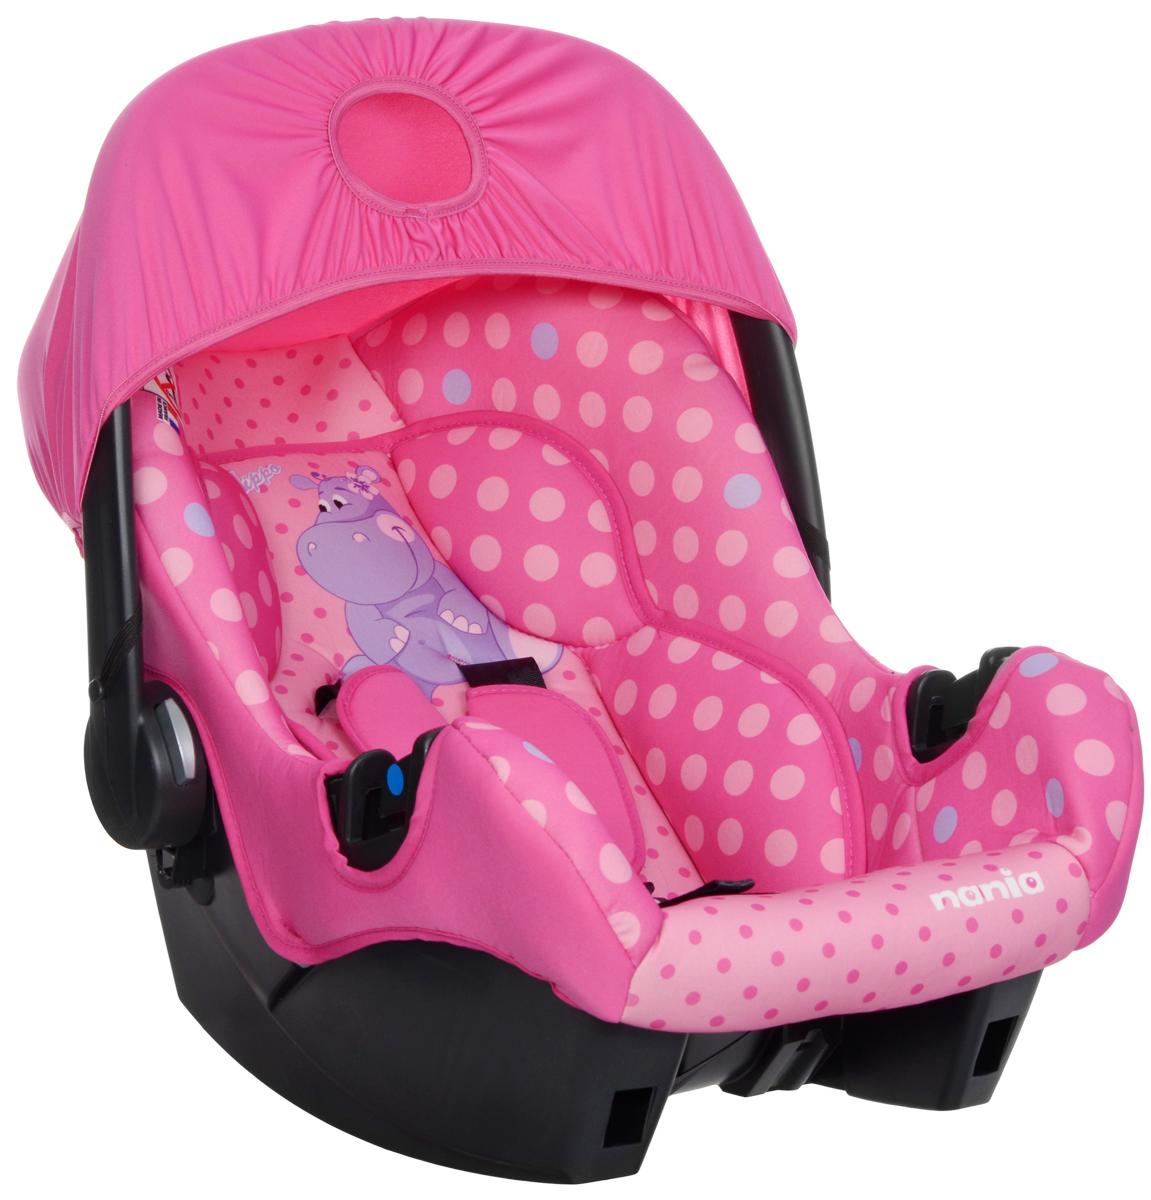 Nania Автокресло Beone SP Hippo 0-13 кг483135Автокресло Nania Beone SP. Hippo разработано специально для новорожденных и гарантирует комфорт и безопасность маленького пассажира во время поездки в автомобиле.Каркас кресла имеет удобную анатомическую форму и поддерживает неокрепшие мышцы малыша, внутри мягкая подушка. Кресло оснащено регулируемыми трехточечными ремнями безопасности с тремя уровнями регулировки по высоте и мягкими плечевыми накладками. Особая конструкция с двойными стенками и расширением в области головы гарантирует оптимальную защиту при боковом ударе. Солнцезащитный козырек не допускает попадания прямых солнечных лучей и пропускает воздух. Тканевую обивку и подушку можно снимать и стирать при температуре воды не выше 30° C. Кресло также может использоваться как качалка и детская переноска. Имеется эргономичная регулируемая ручка для транспортировки. Кресло устанавливается на заднем сиденье или спереди на пассажирском против направления движения с обязательным отключением подушки безопасности. Благодаря специальной системе крепления автокресло легко и надежно фиксируется в автомобиле.Веселый бегемот, изображенный на автокресле, не даст заскучать вашему ребенку даже в дальней дороге.Проверено и одобрено в соответствии с требованиями европейского стандарта ECE R44/04.